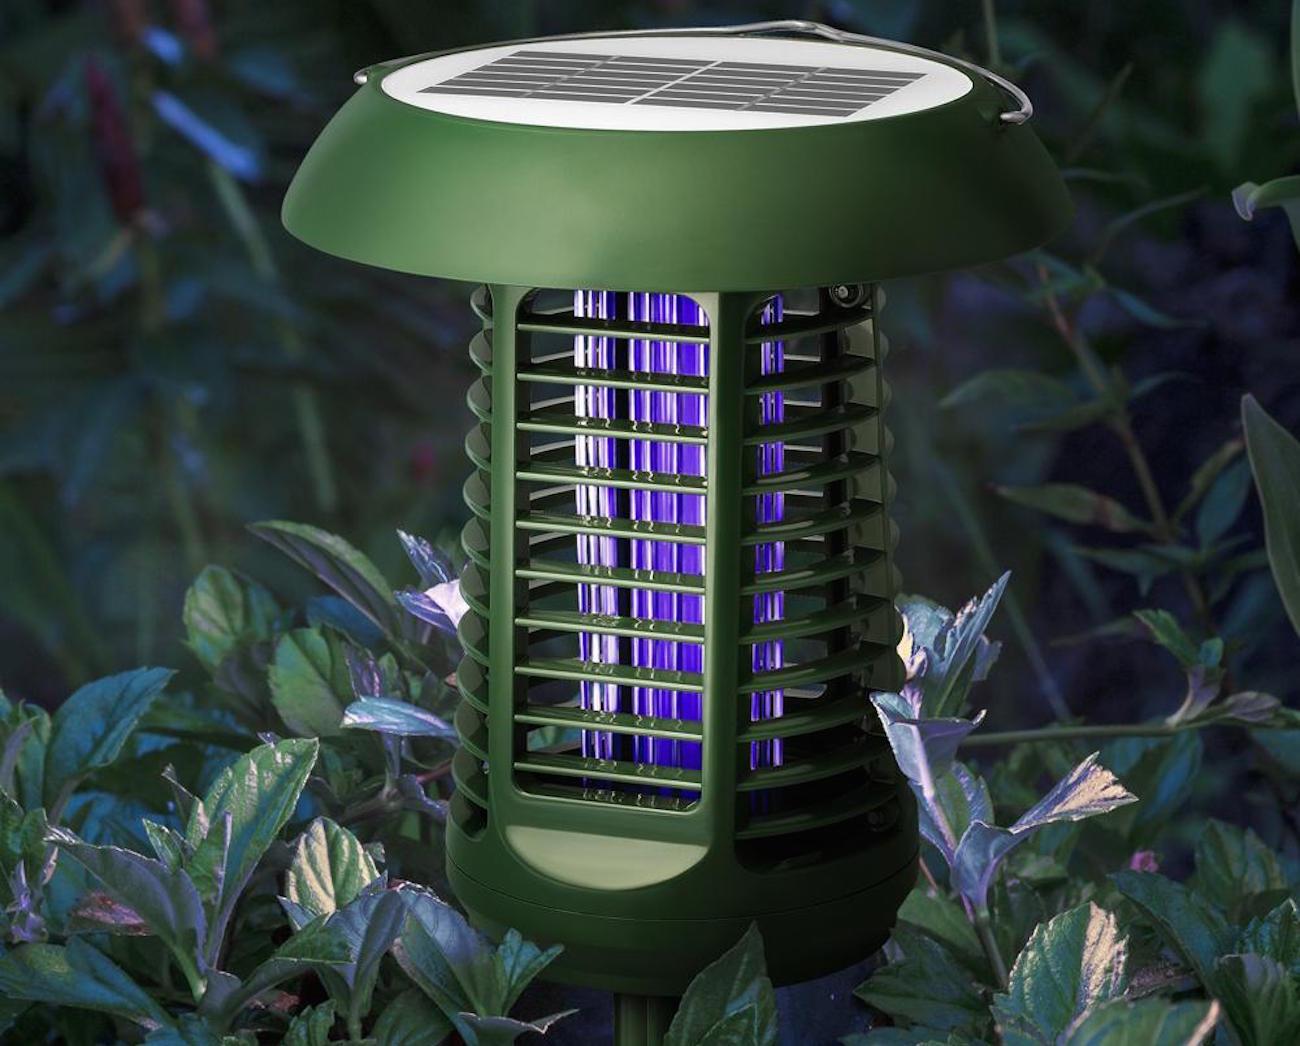 Solar-Powered UV Bug Zapper & LED Garden Lamp